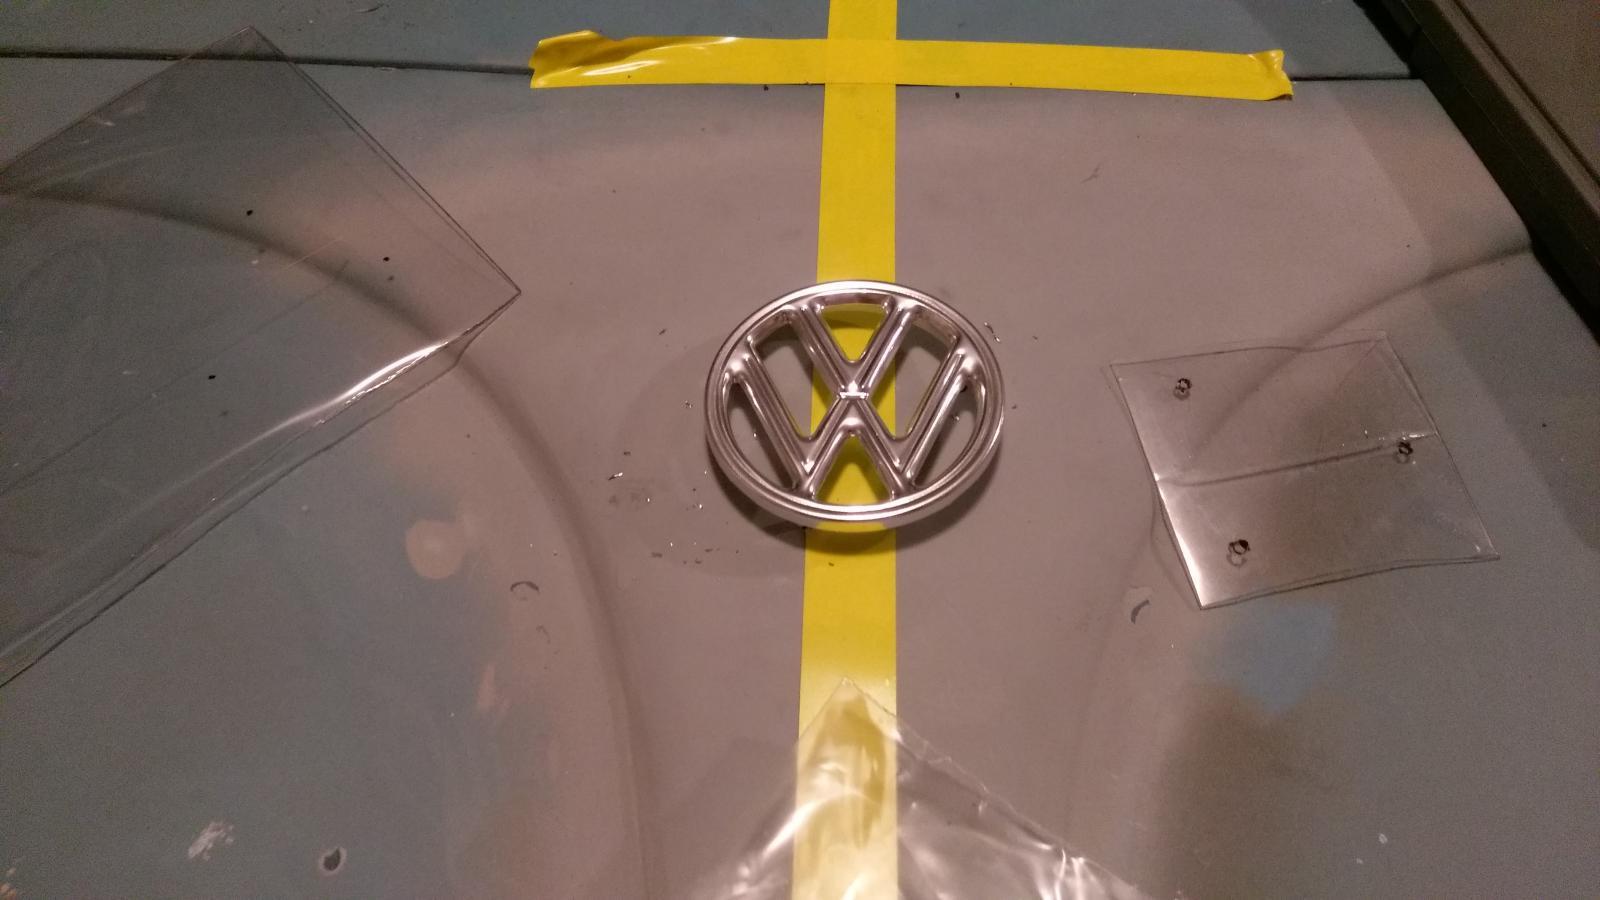 Emblem placement